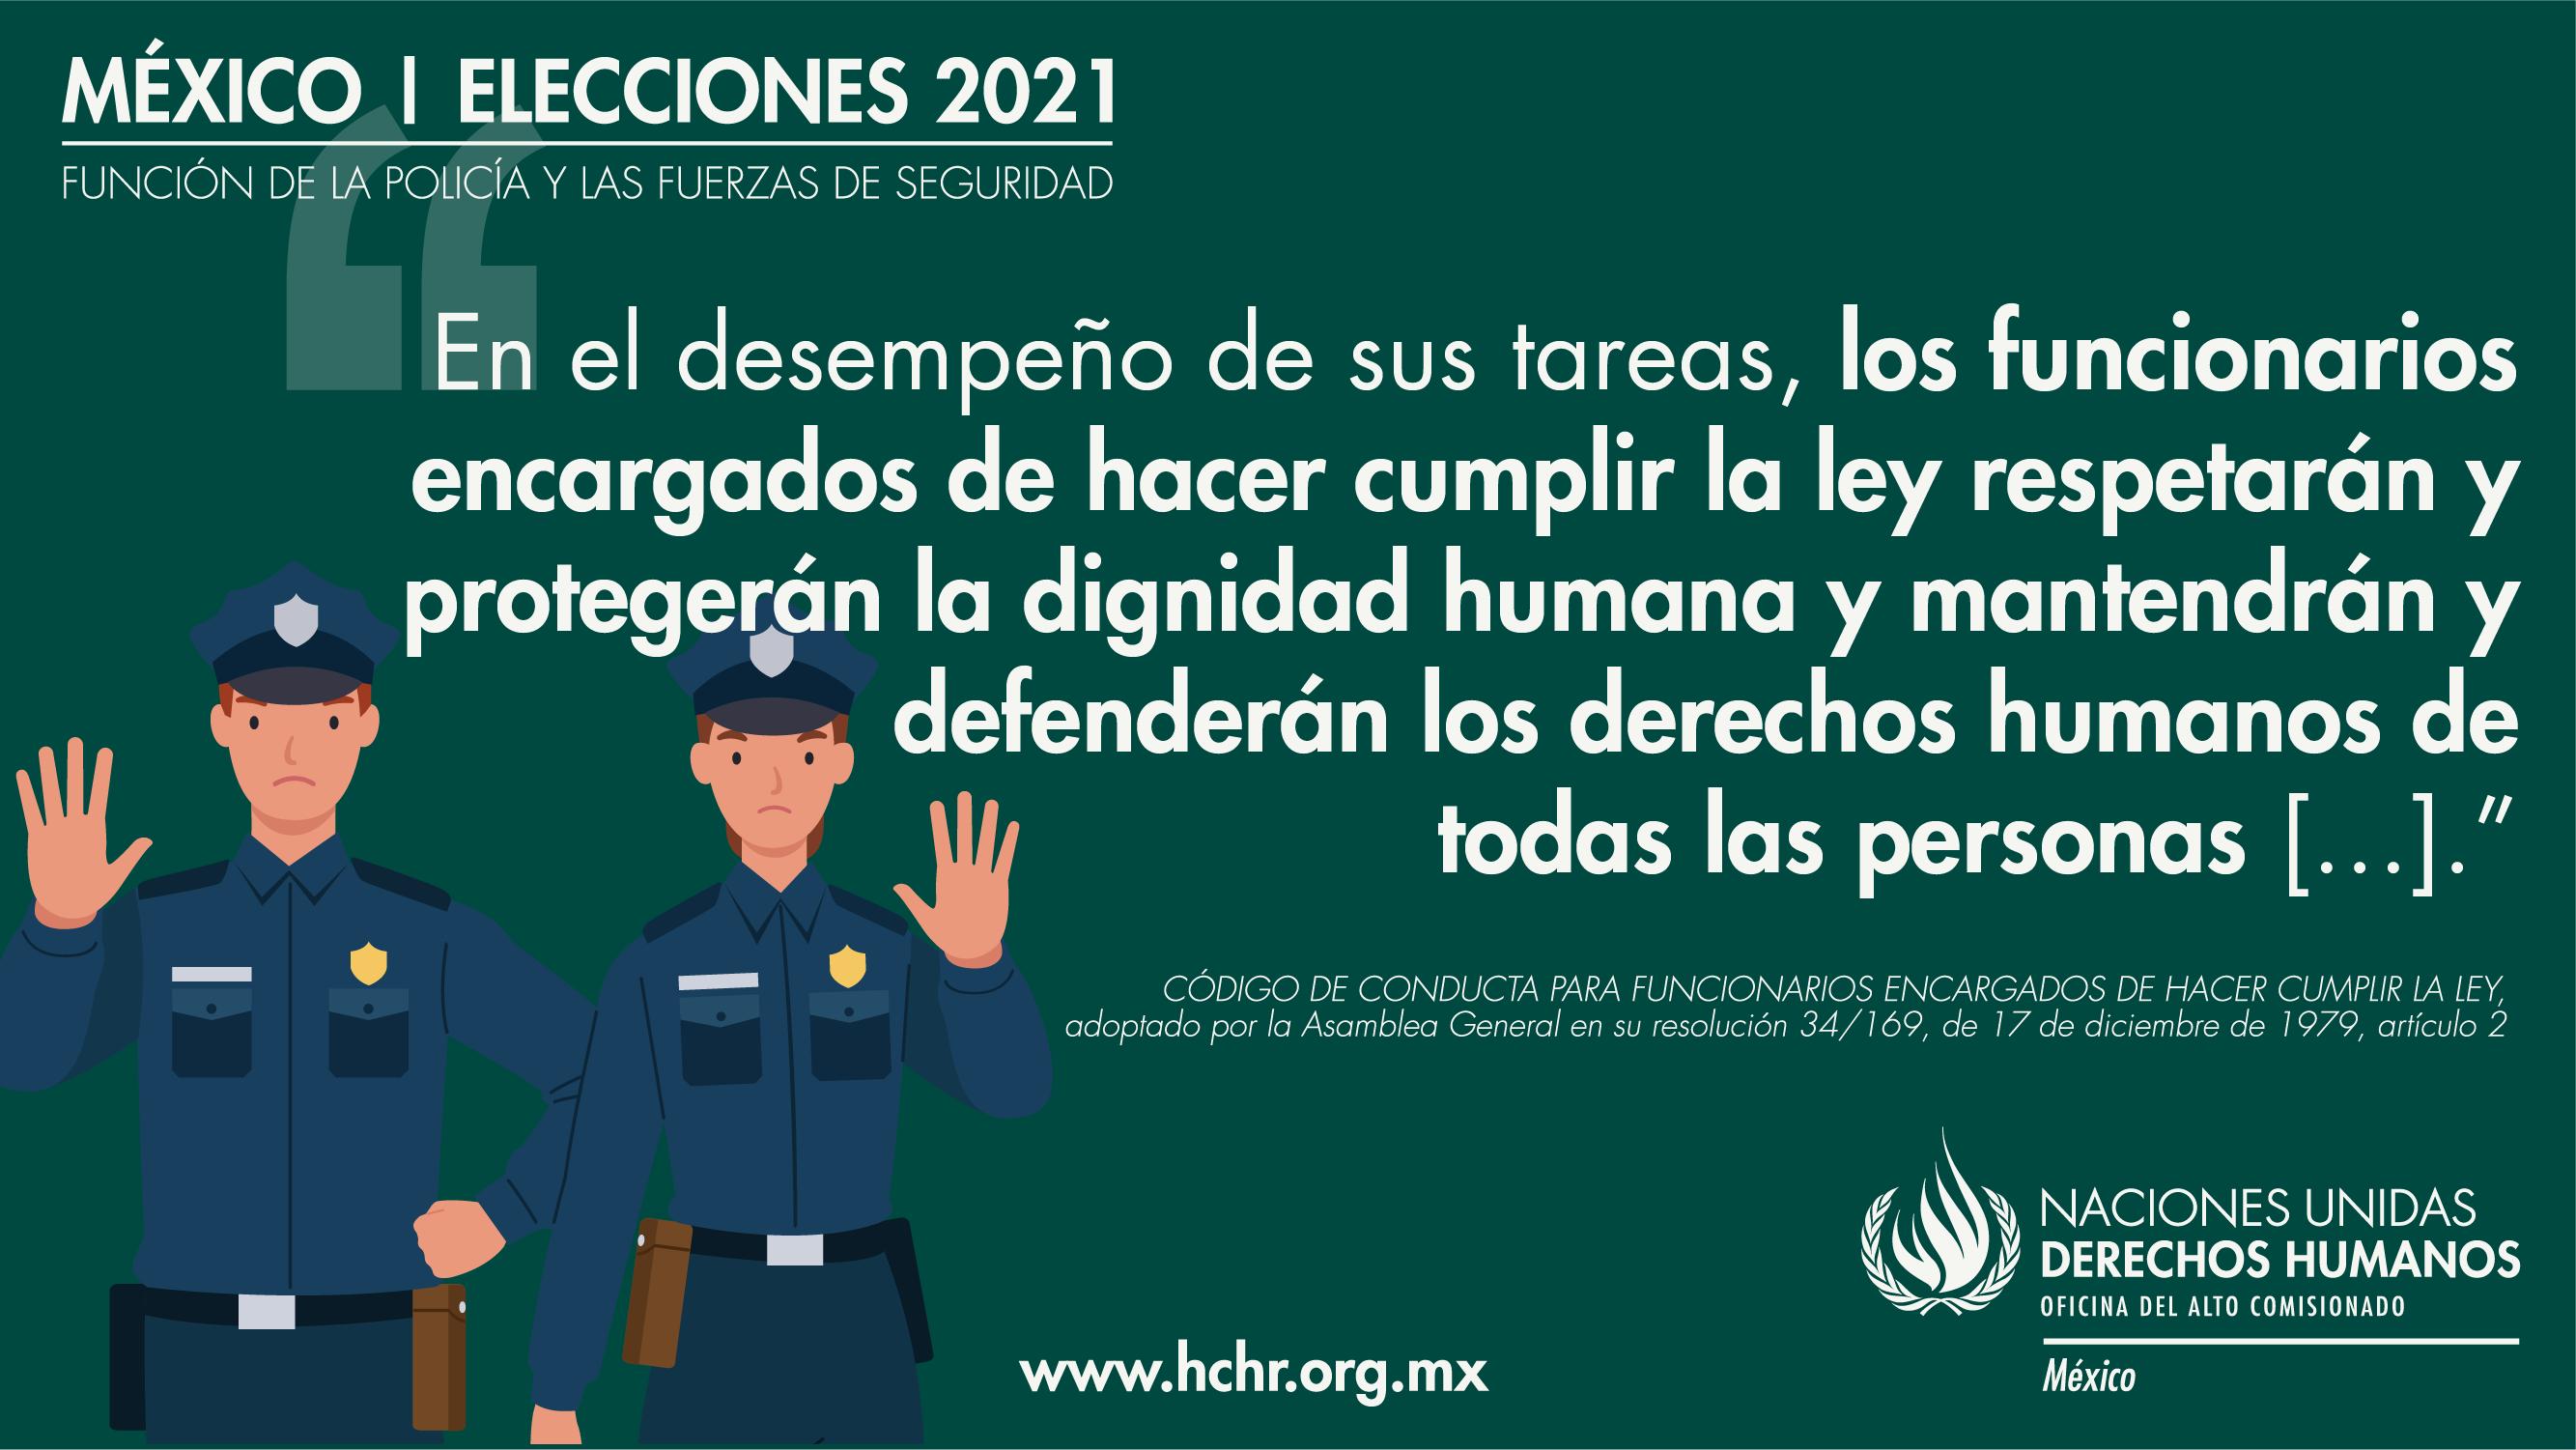 Postales_EstándaresDH_Elecciones_Mesa de trabajo 1 copia 14